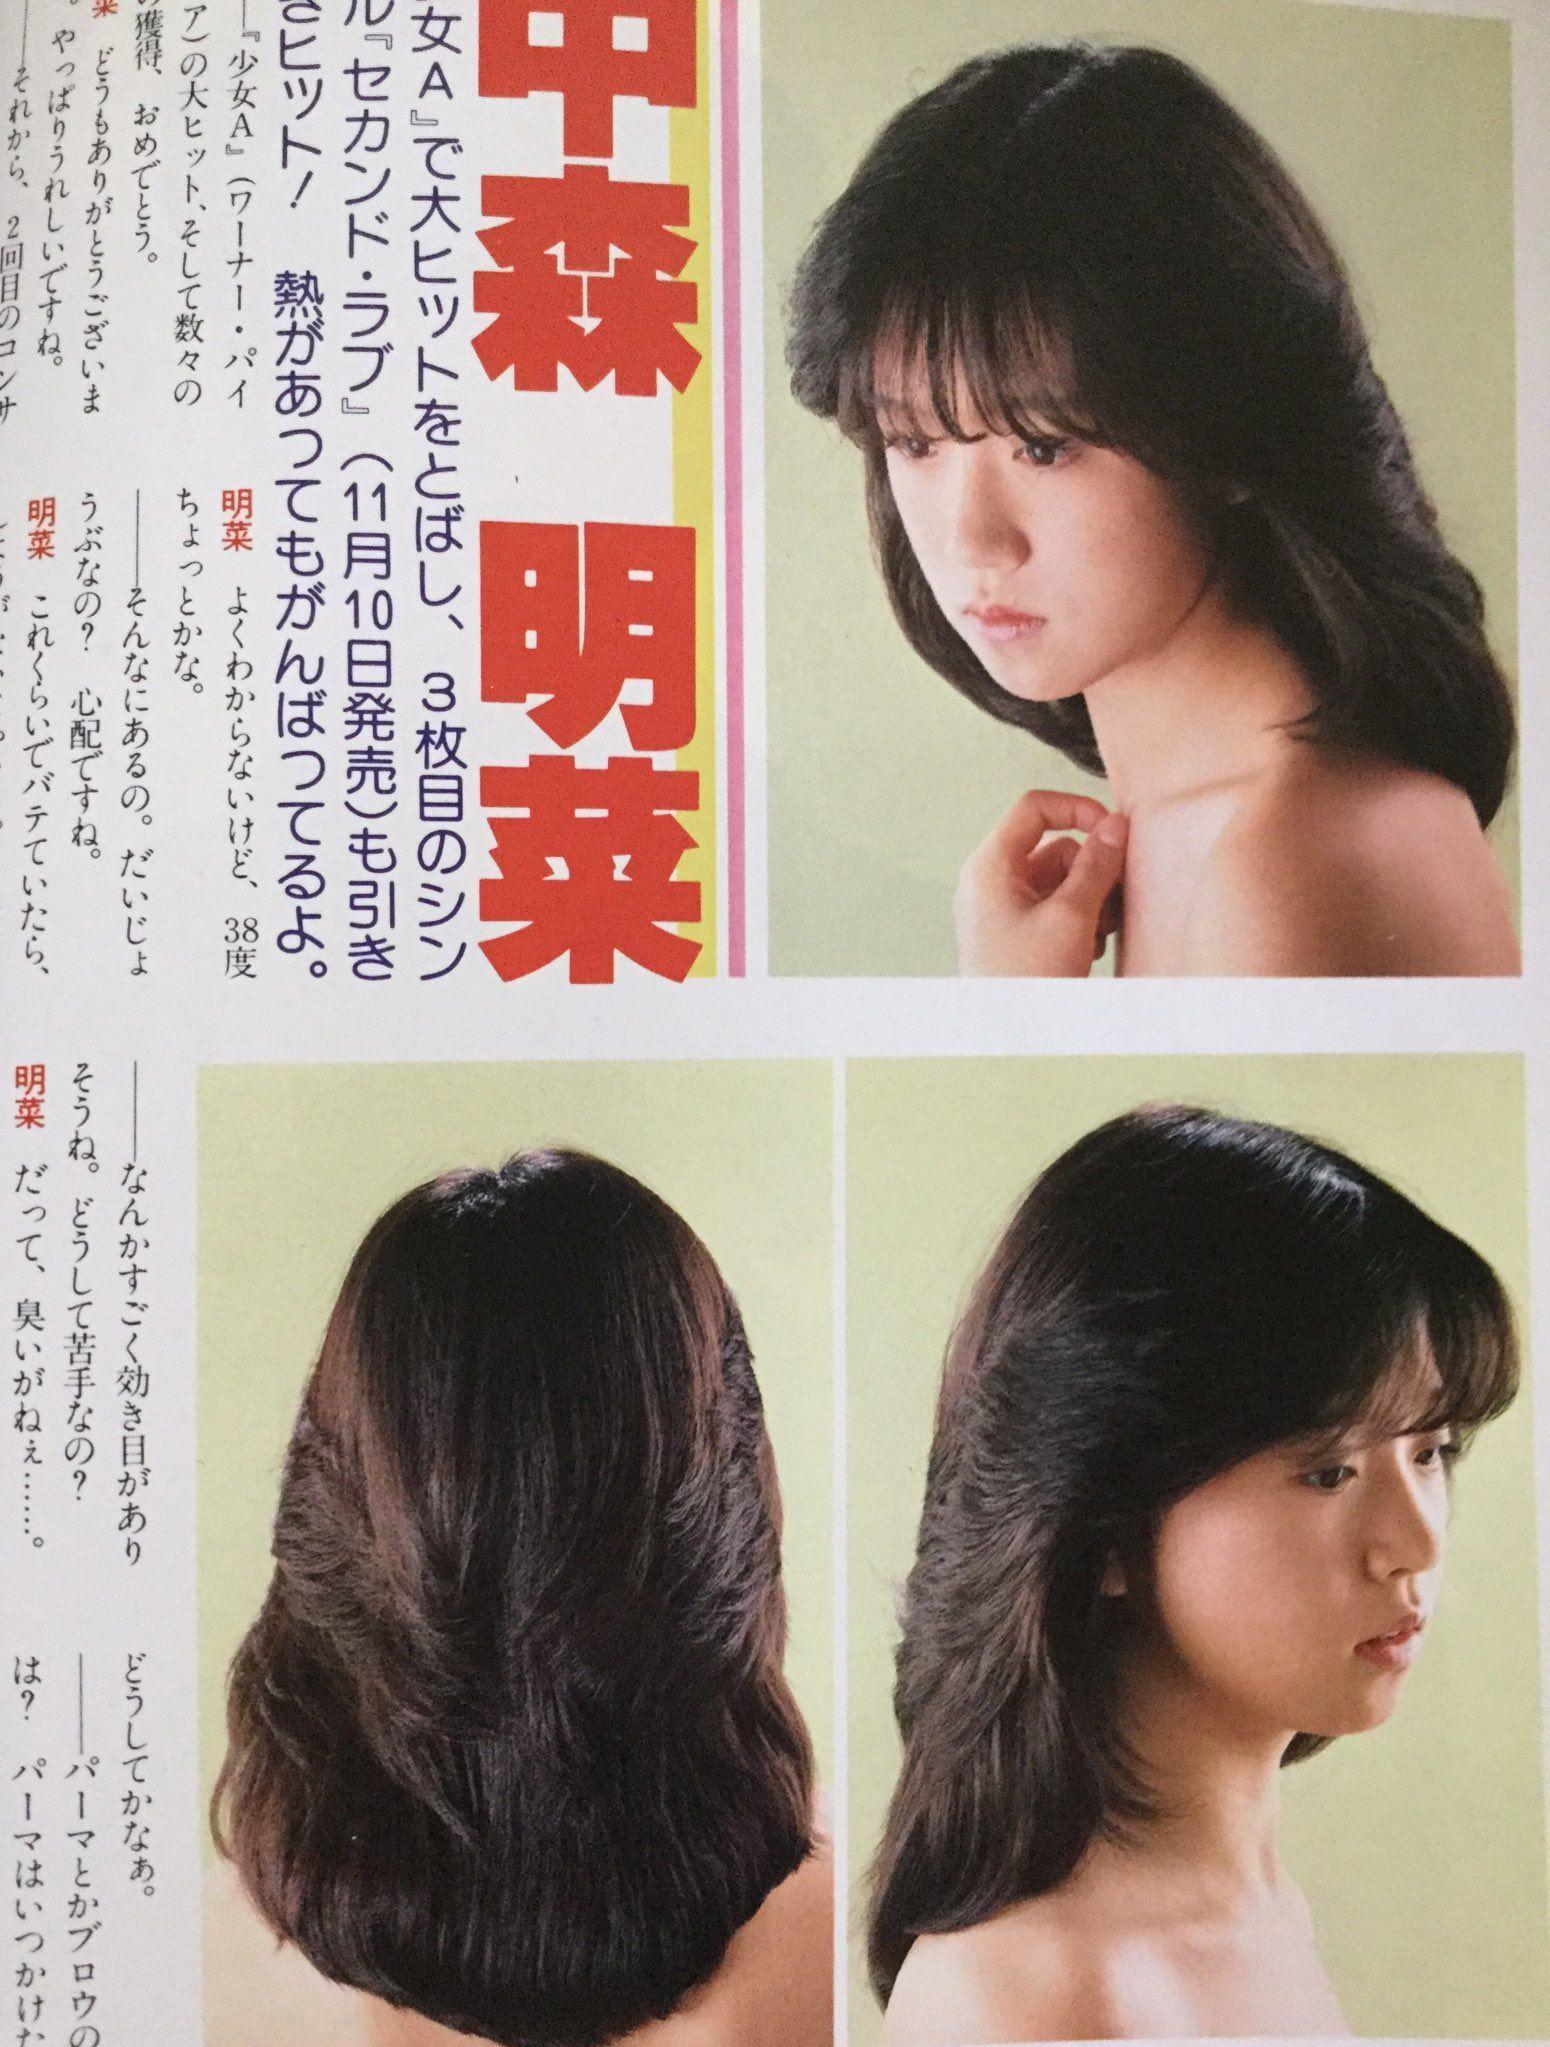 かおるん On Twitter Aesthetic Japan Womens Hairstyles Asian Beauty